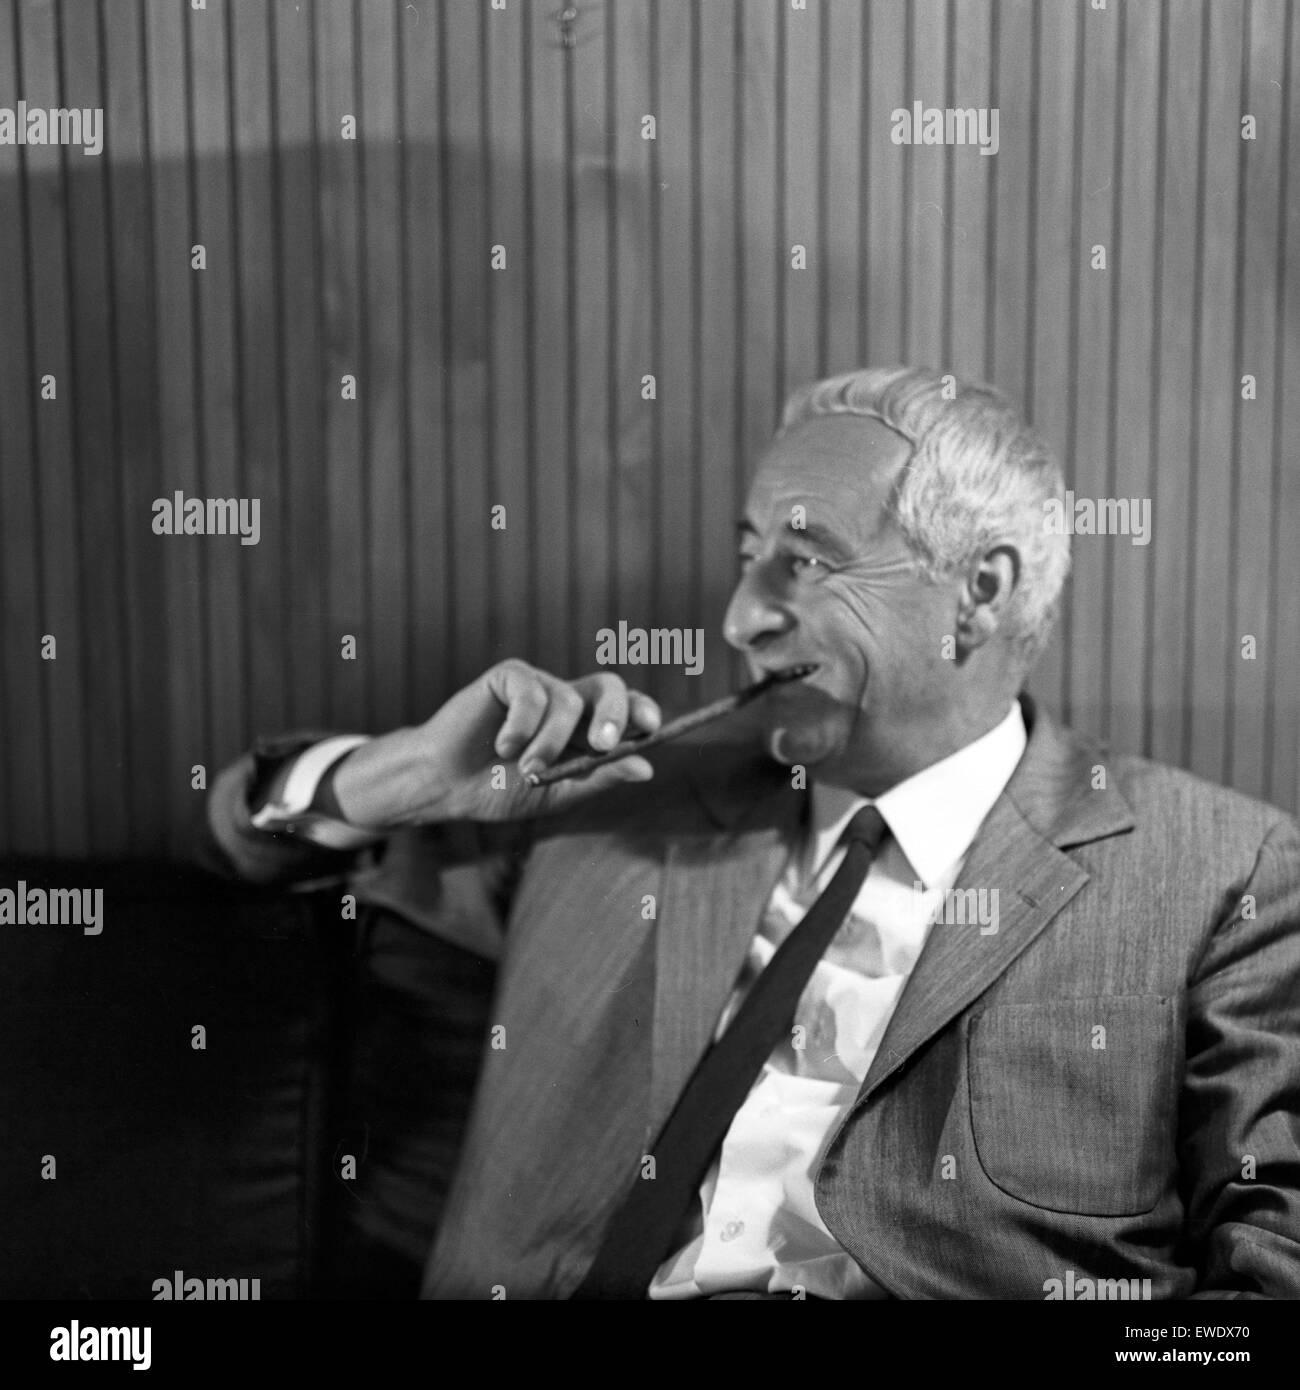 Deutscher Physiker, Schriftsteller und Fernsehjournalist Professor Heinz Haber, Deutschland 1960er Jahre. German physicist, author and TV journalist Heinz Haber, Germany 1960s. Stock Photo